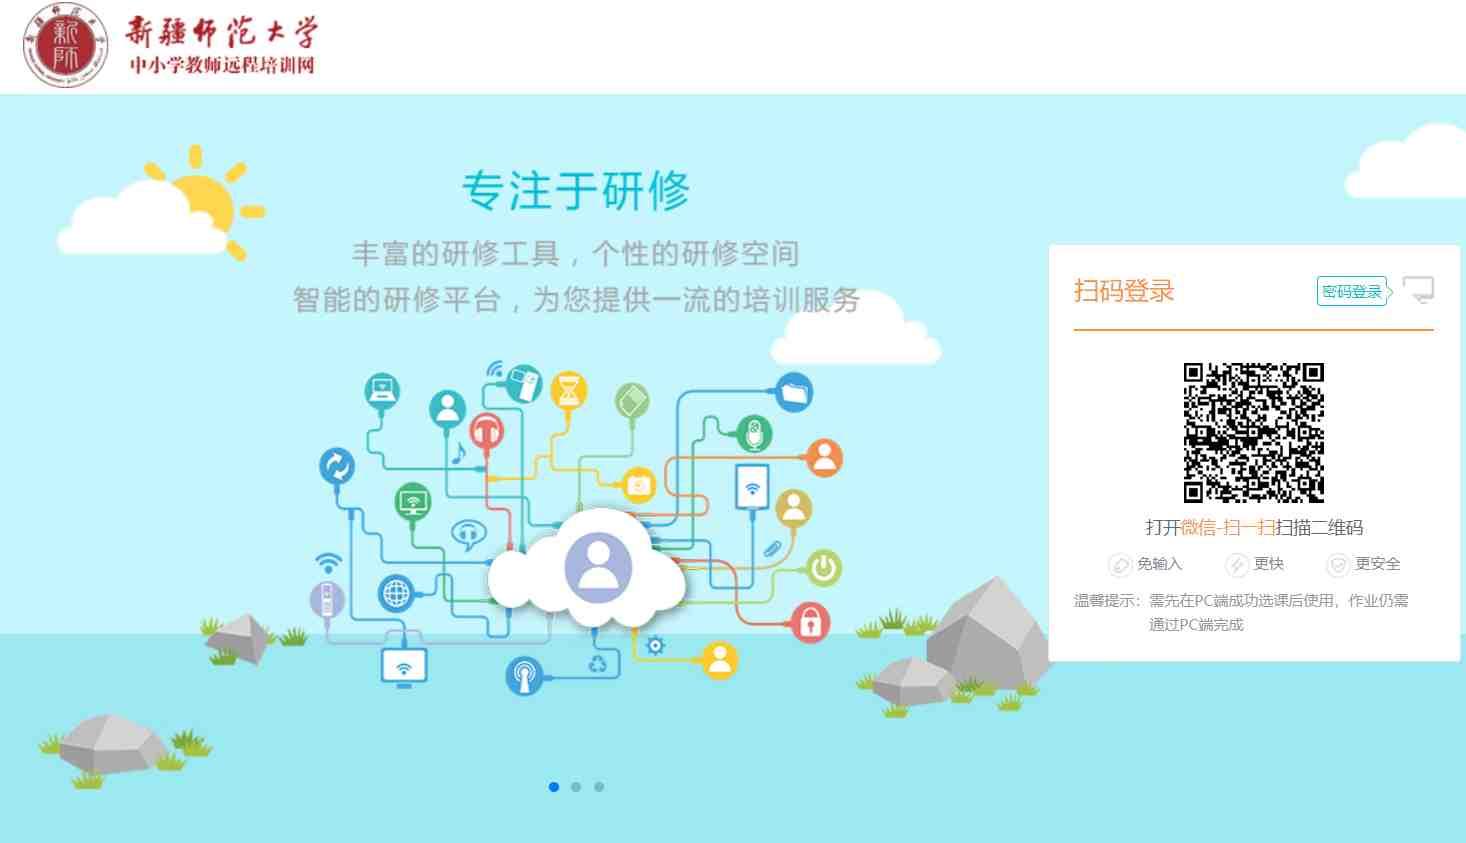 新疆师范大学中小学教师远程培训网代学